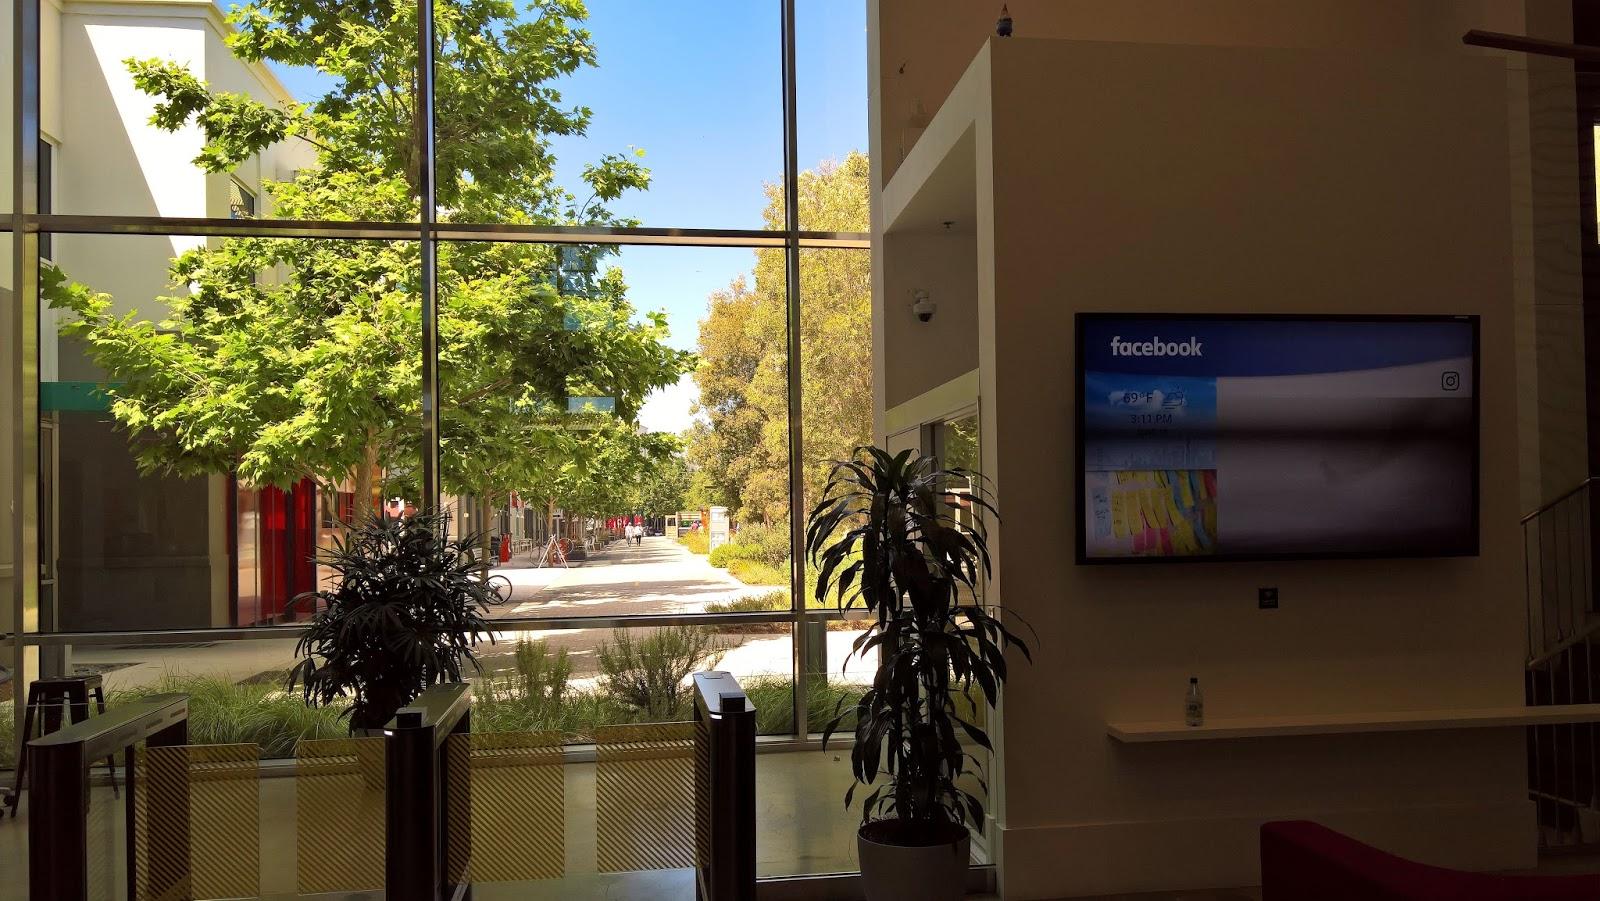 silicon valley piilaakso facebook konttori mallaspulla matkailu